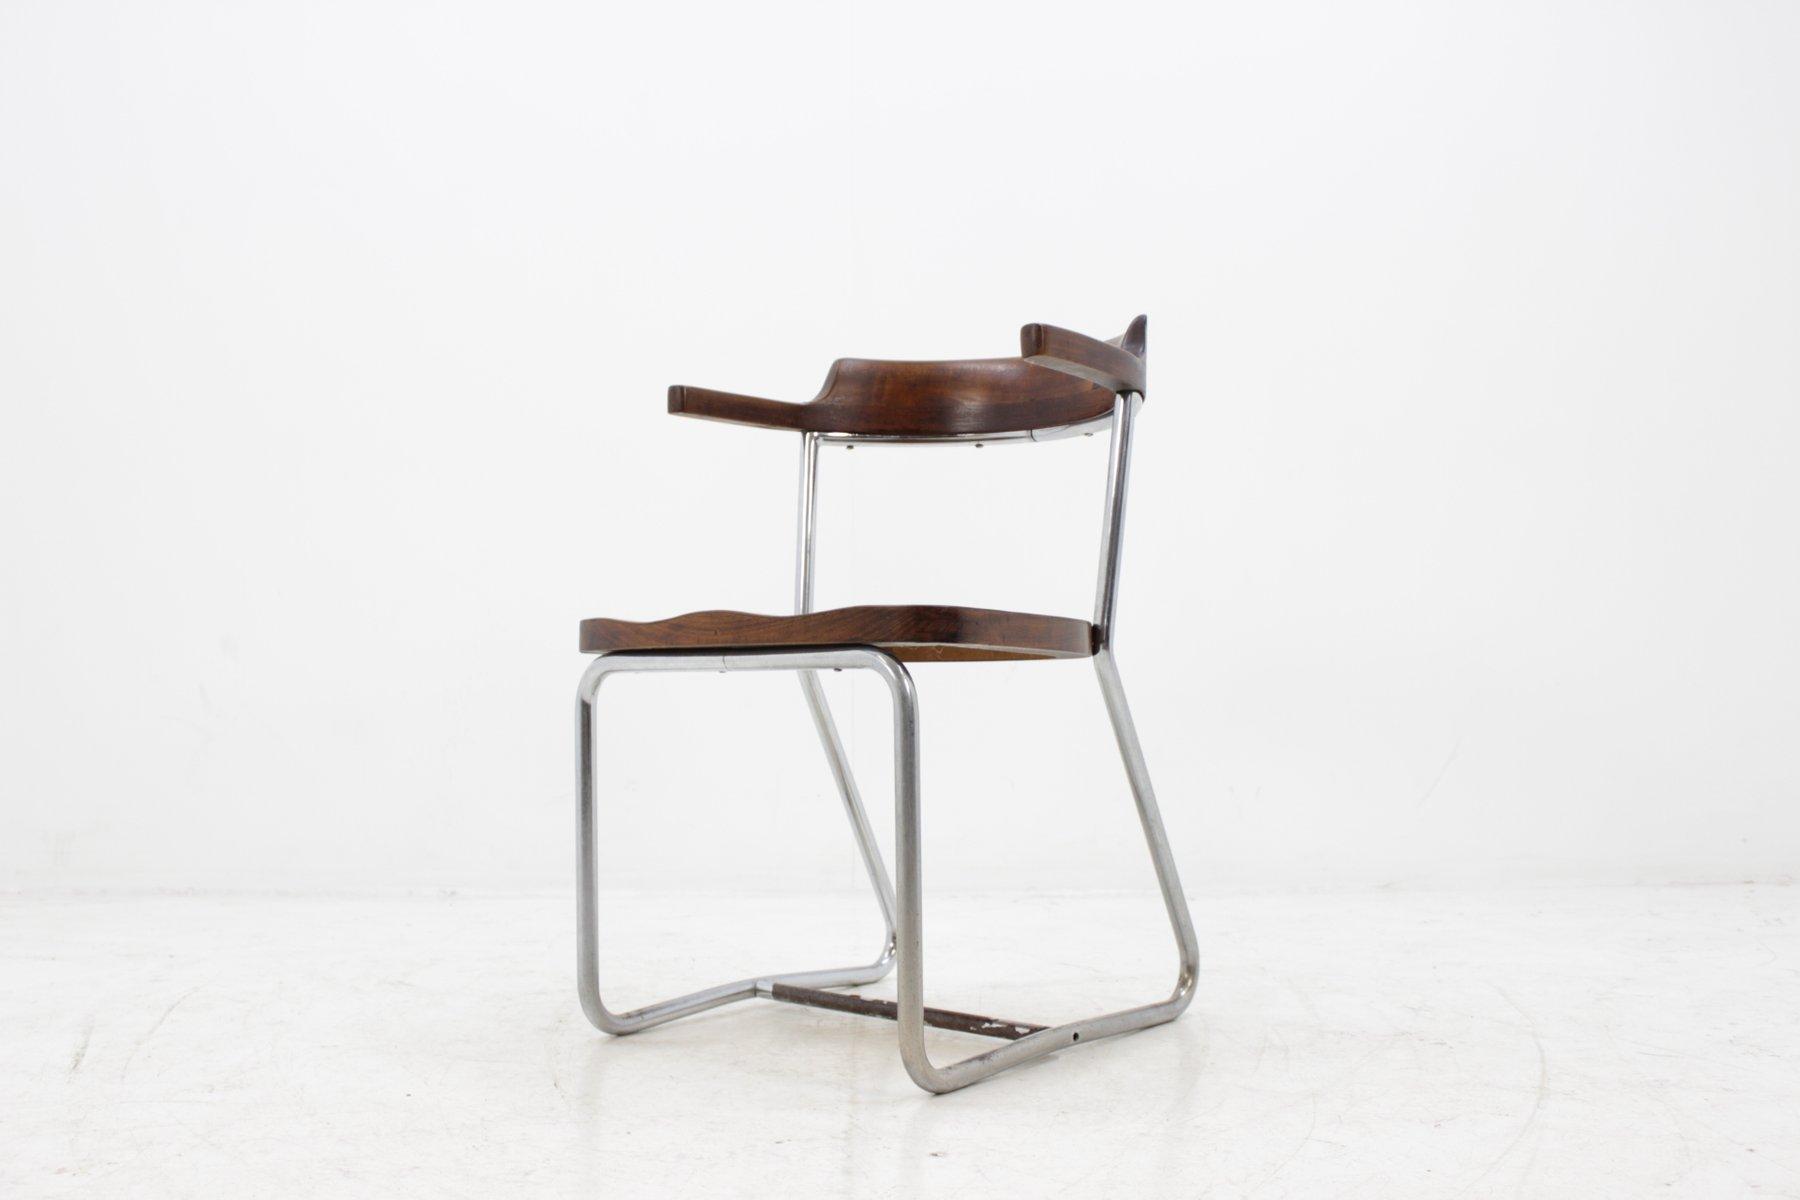 Chrom Holz Esszimmerstühle Online Kaufen Möbel Suchmaschine